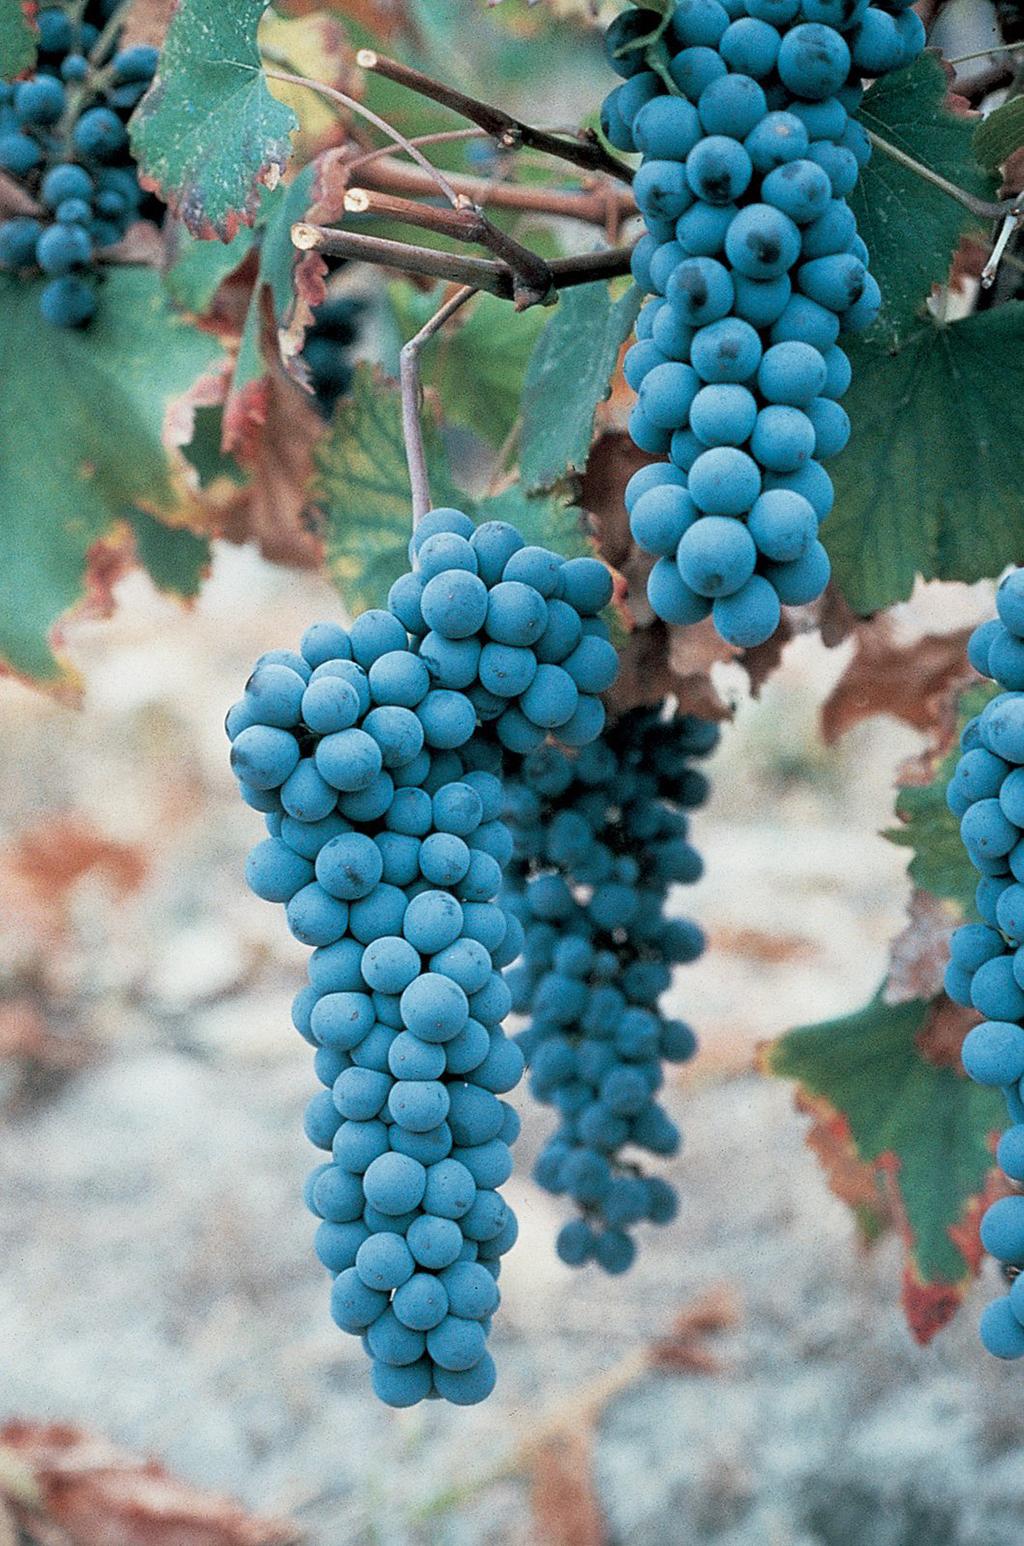 Grapes (Consorzio Barbera d'Asti e Vini del Monferrato)